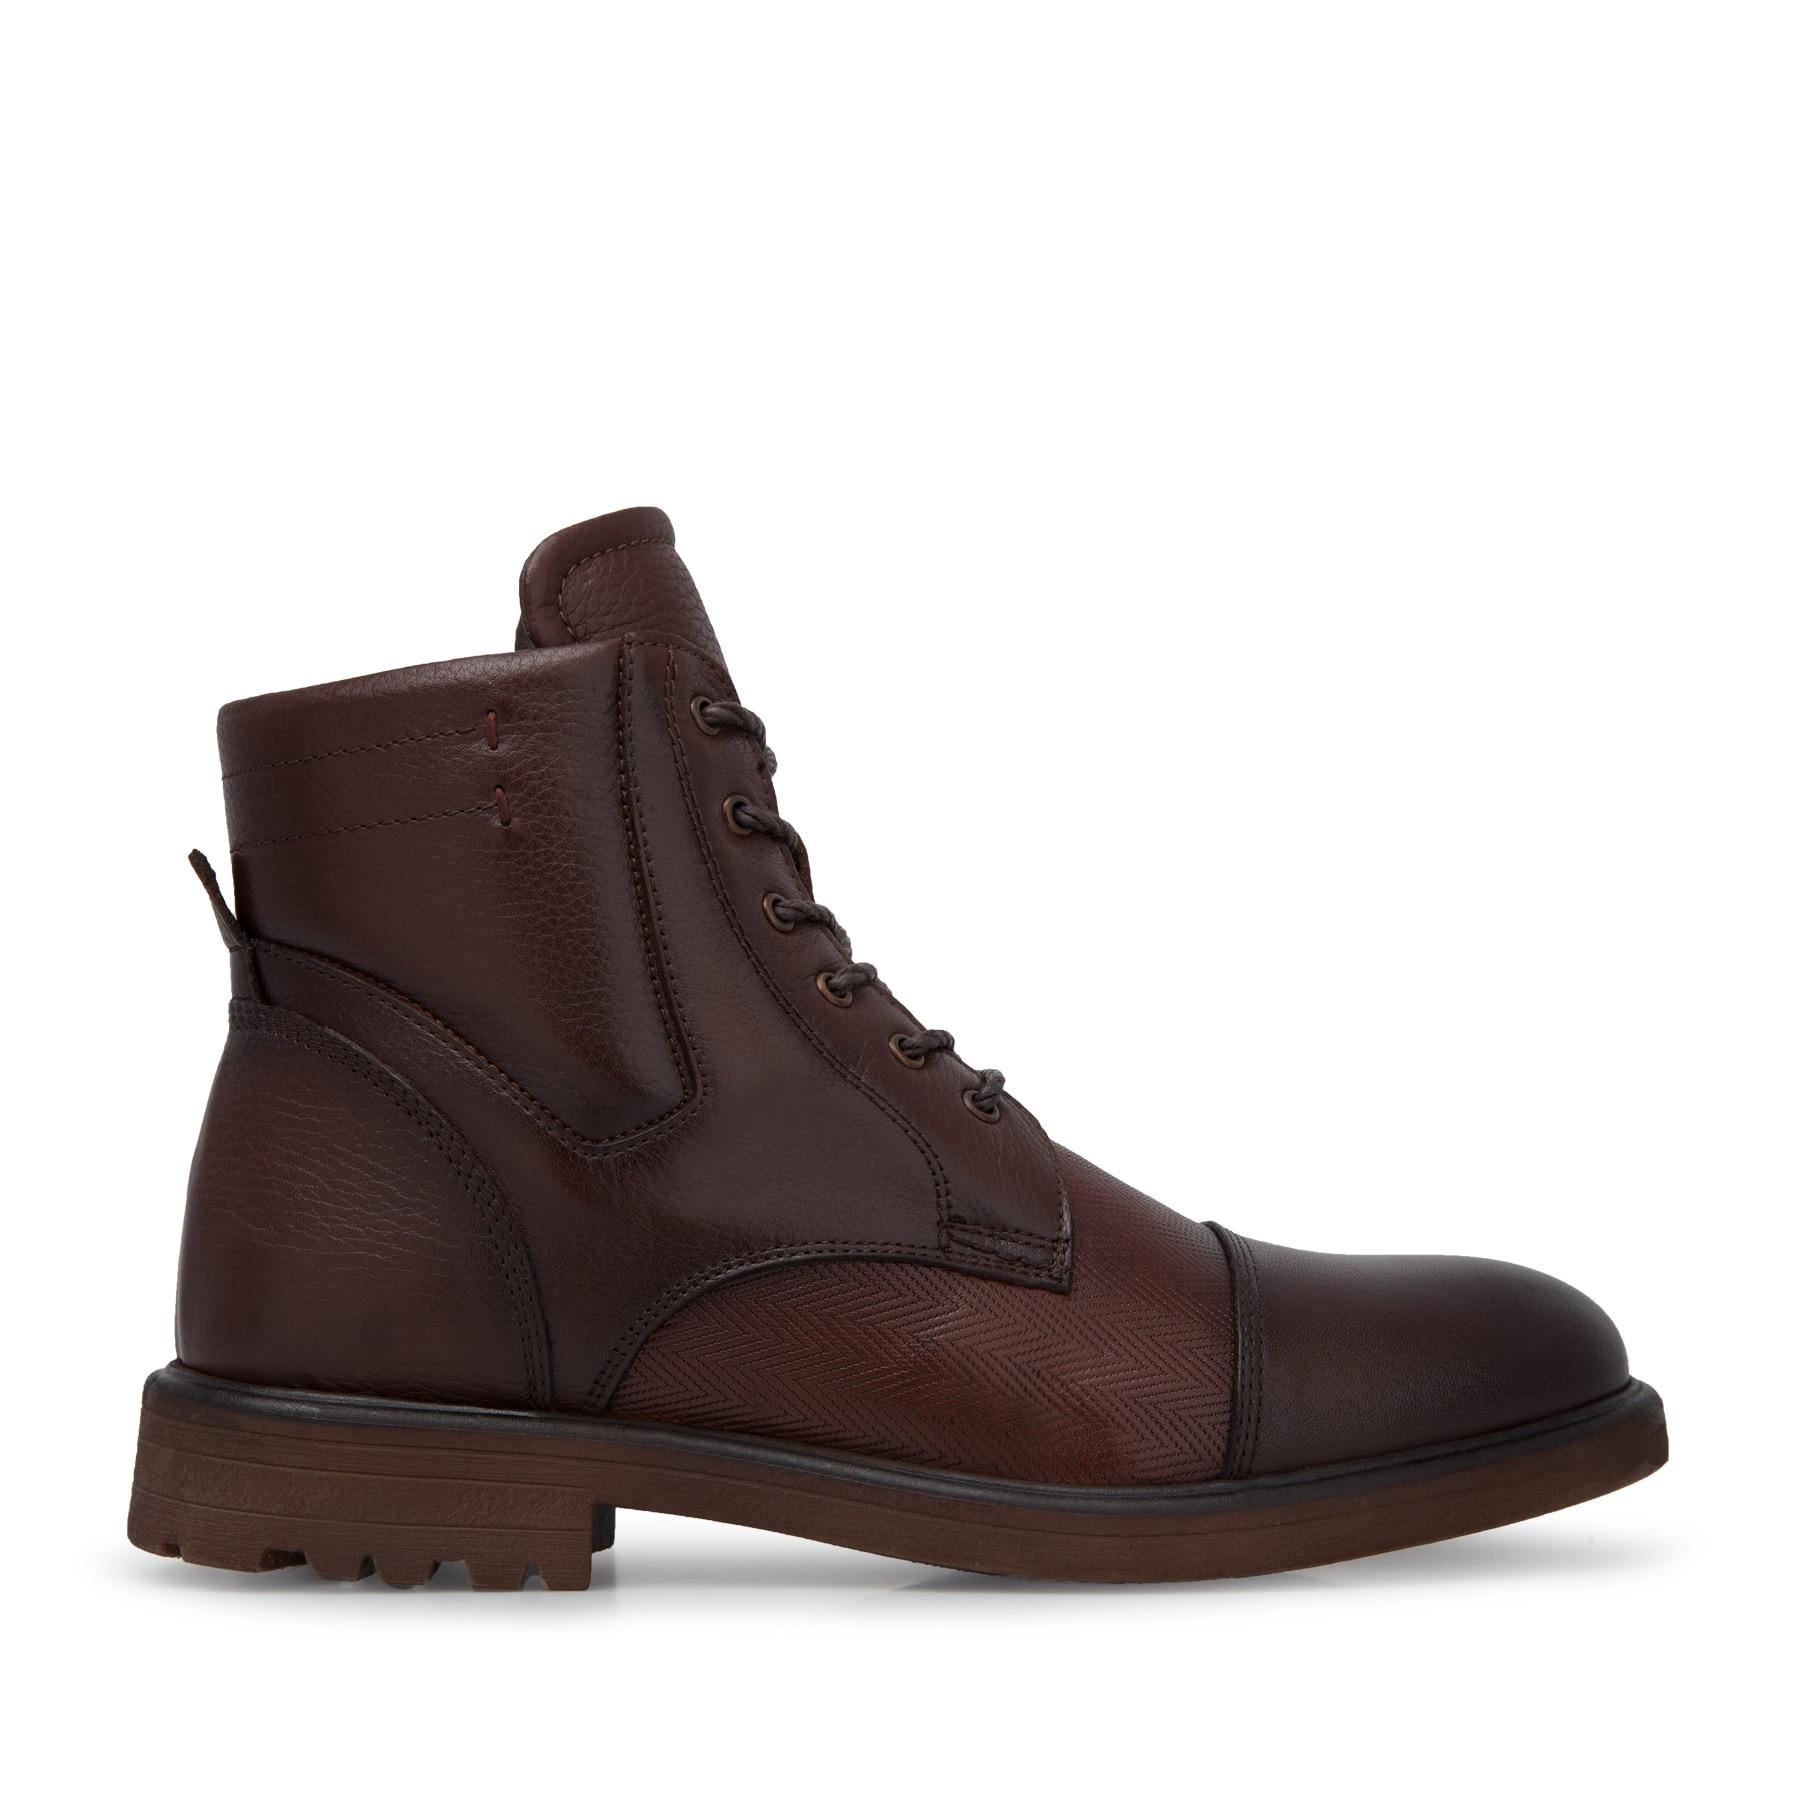 Marcomen Leather Boots MEN 'S BOOTS 15210163